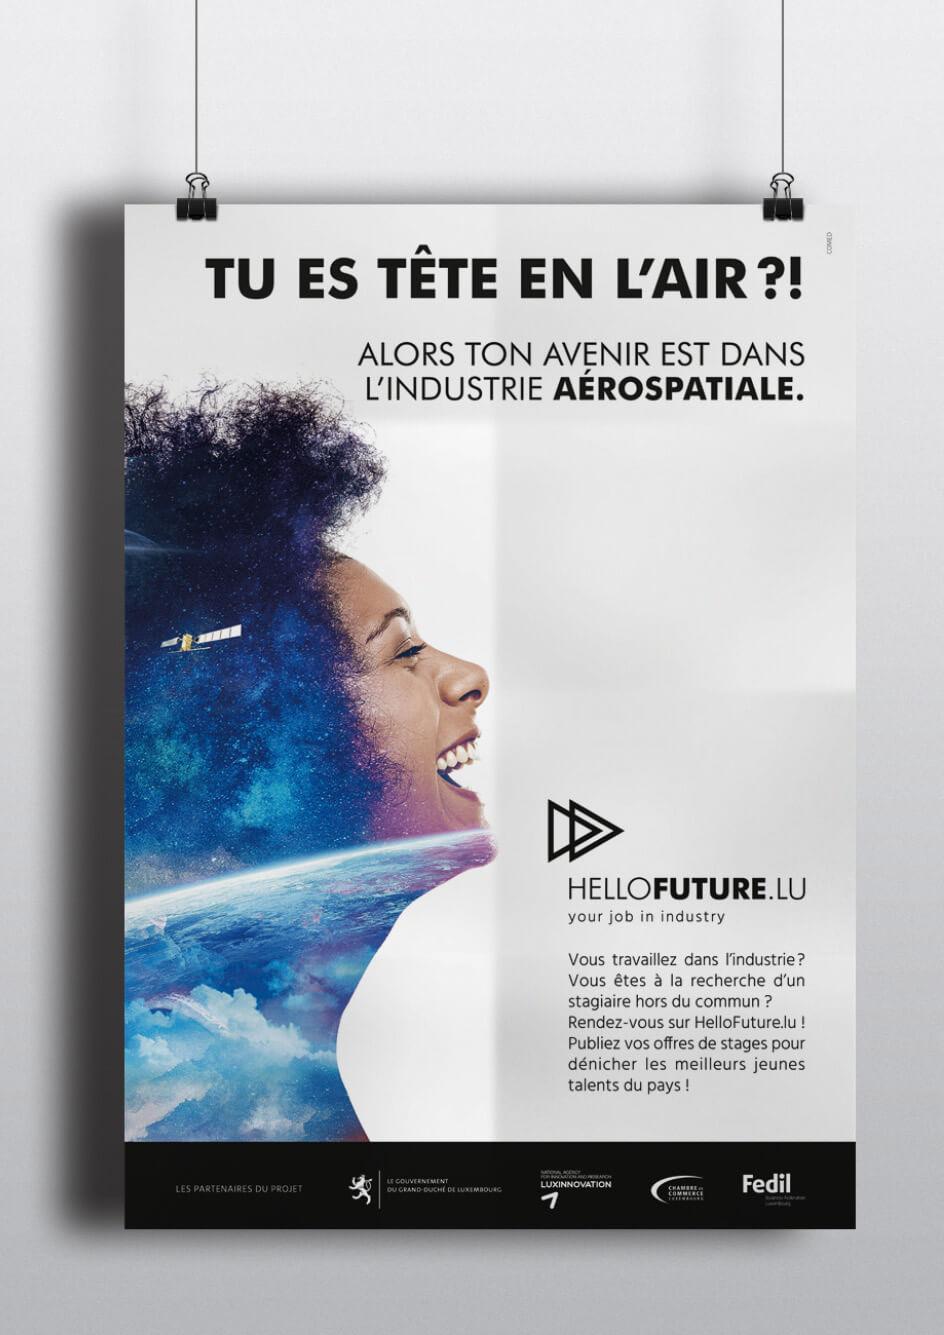 Affiche réalisée par l'agence Comed pour promouvoir les métiers de l'industrie aérospatiale